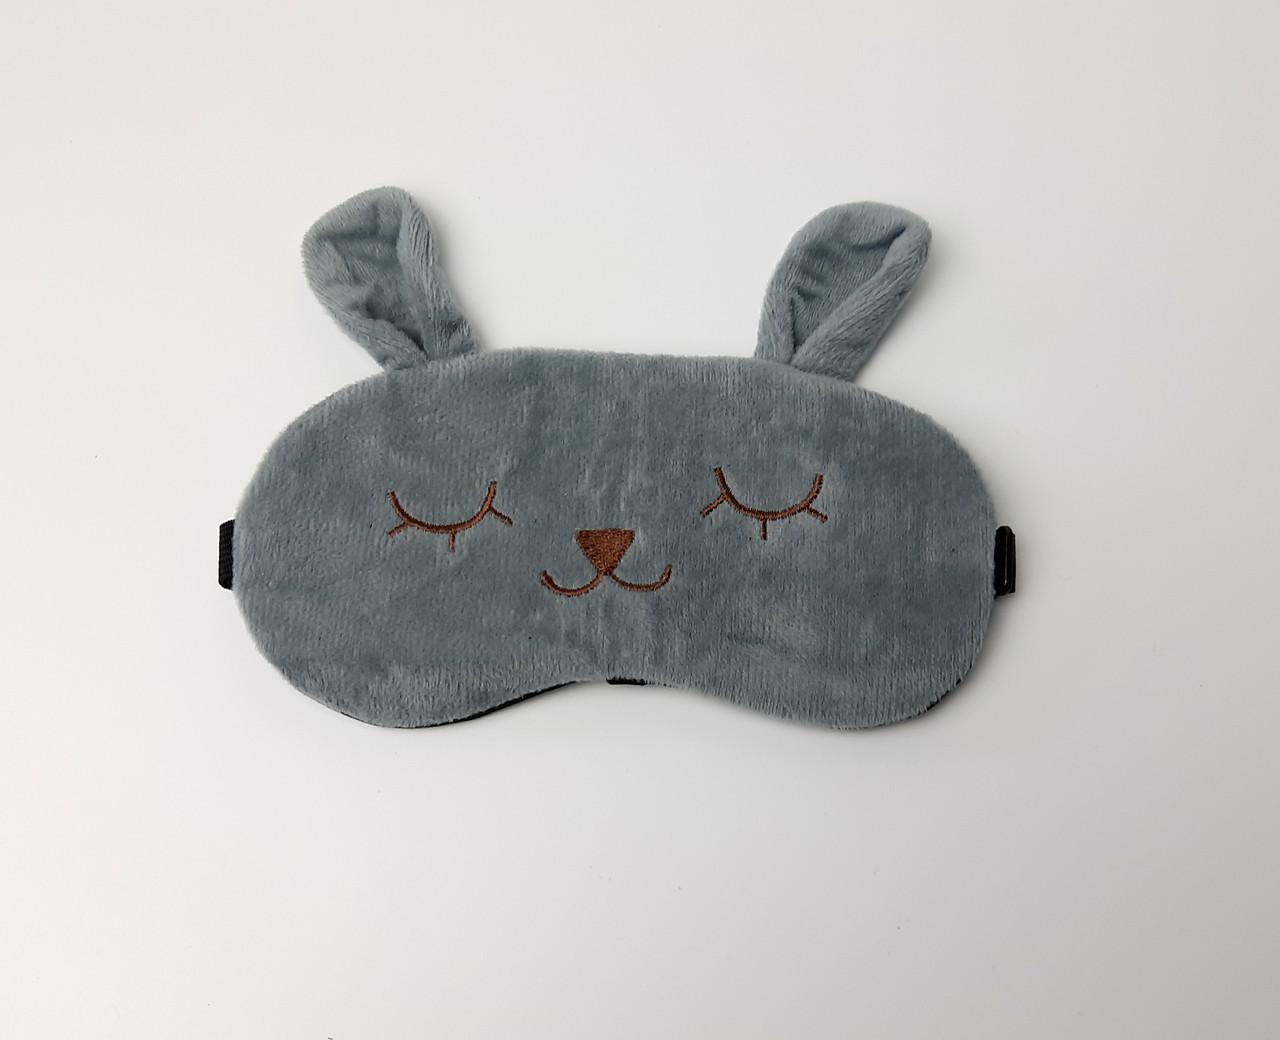 """Тканевая маска на глаза для сна """"Зайчик с ушками"""" (серый)  - Мягкая удобная маска для сна недорогой подарок"""